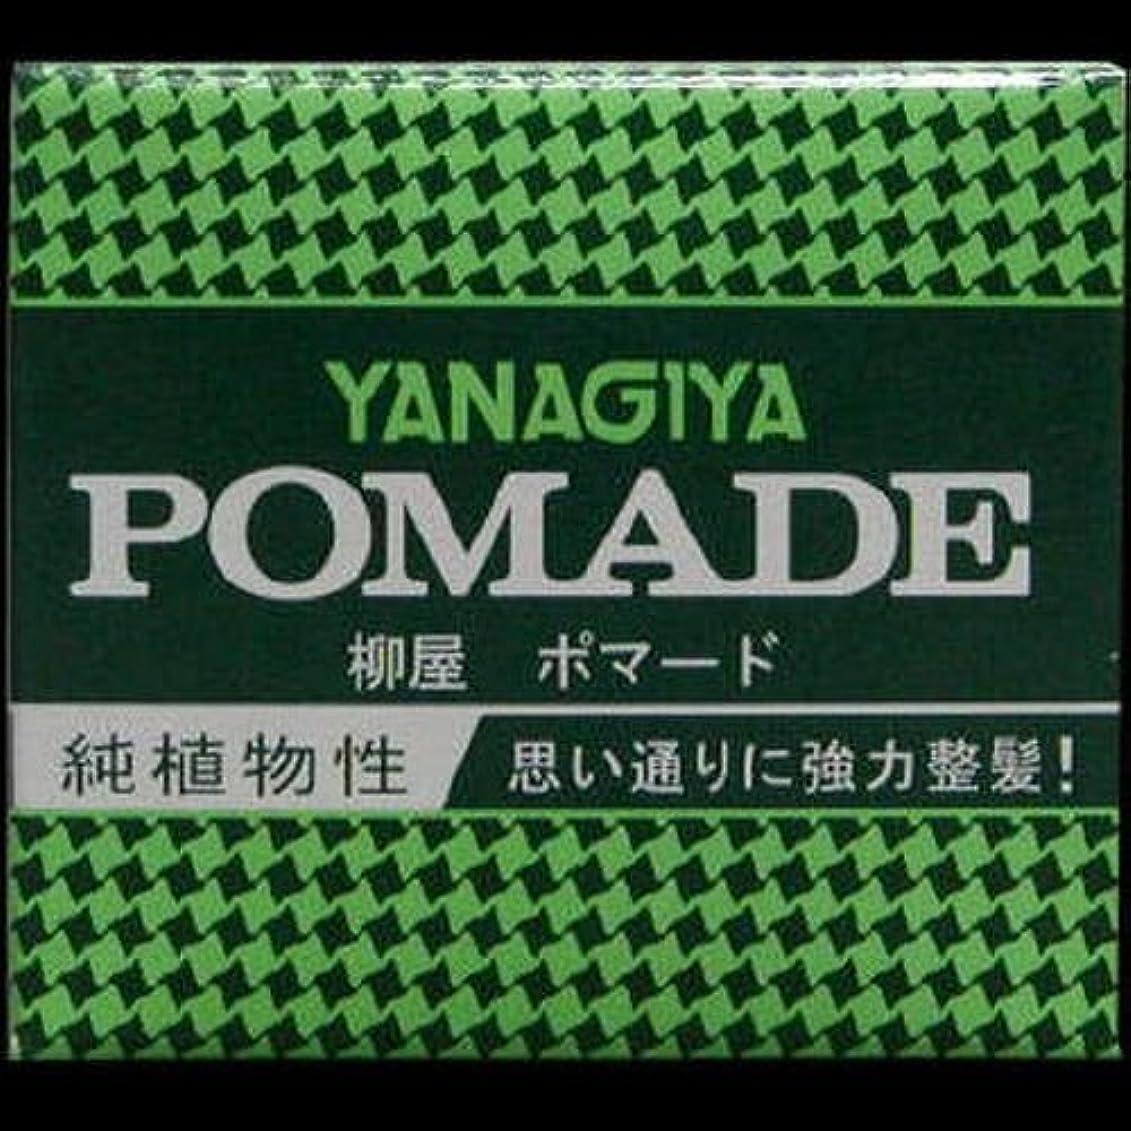 虎規制買う【まとめ買い】柳屋 ポマード小 63g ×2セット